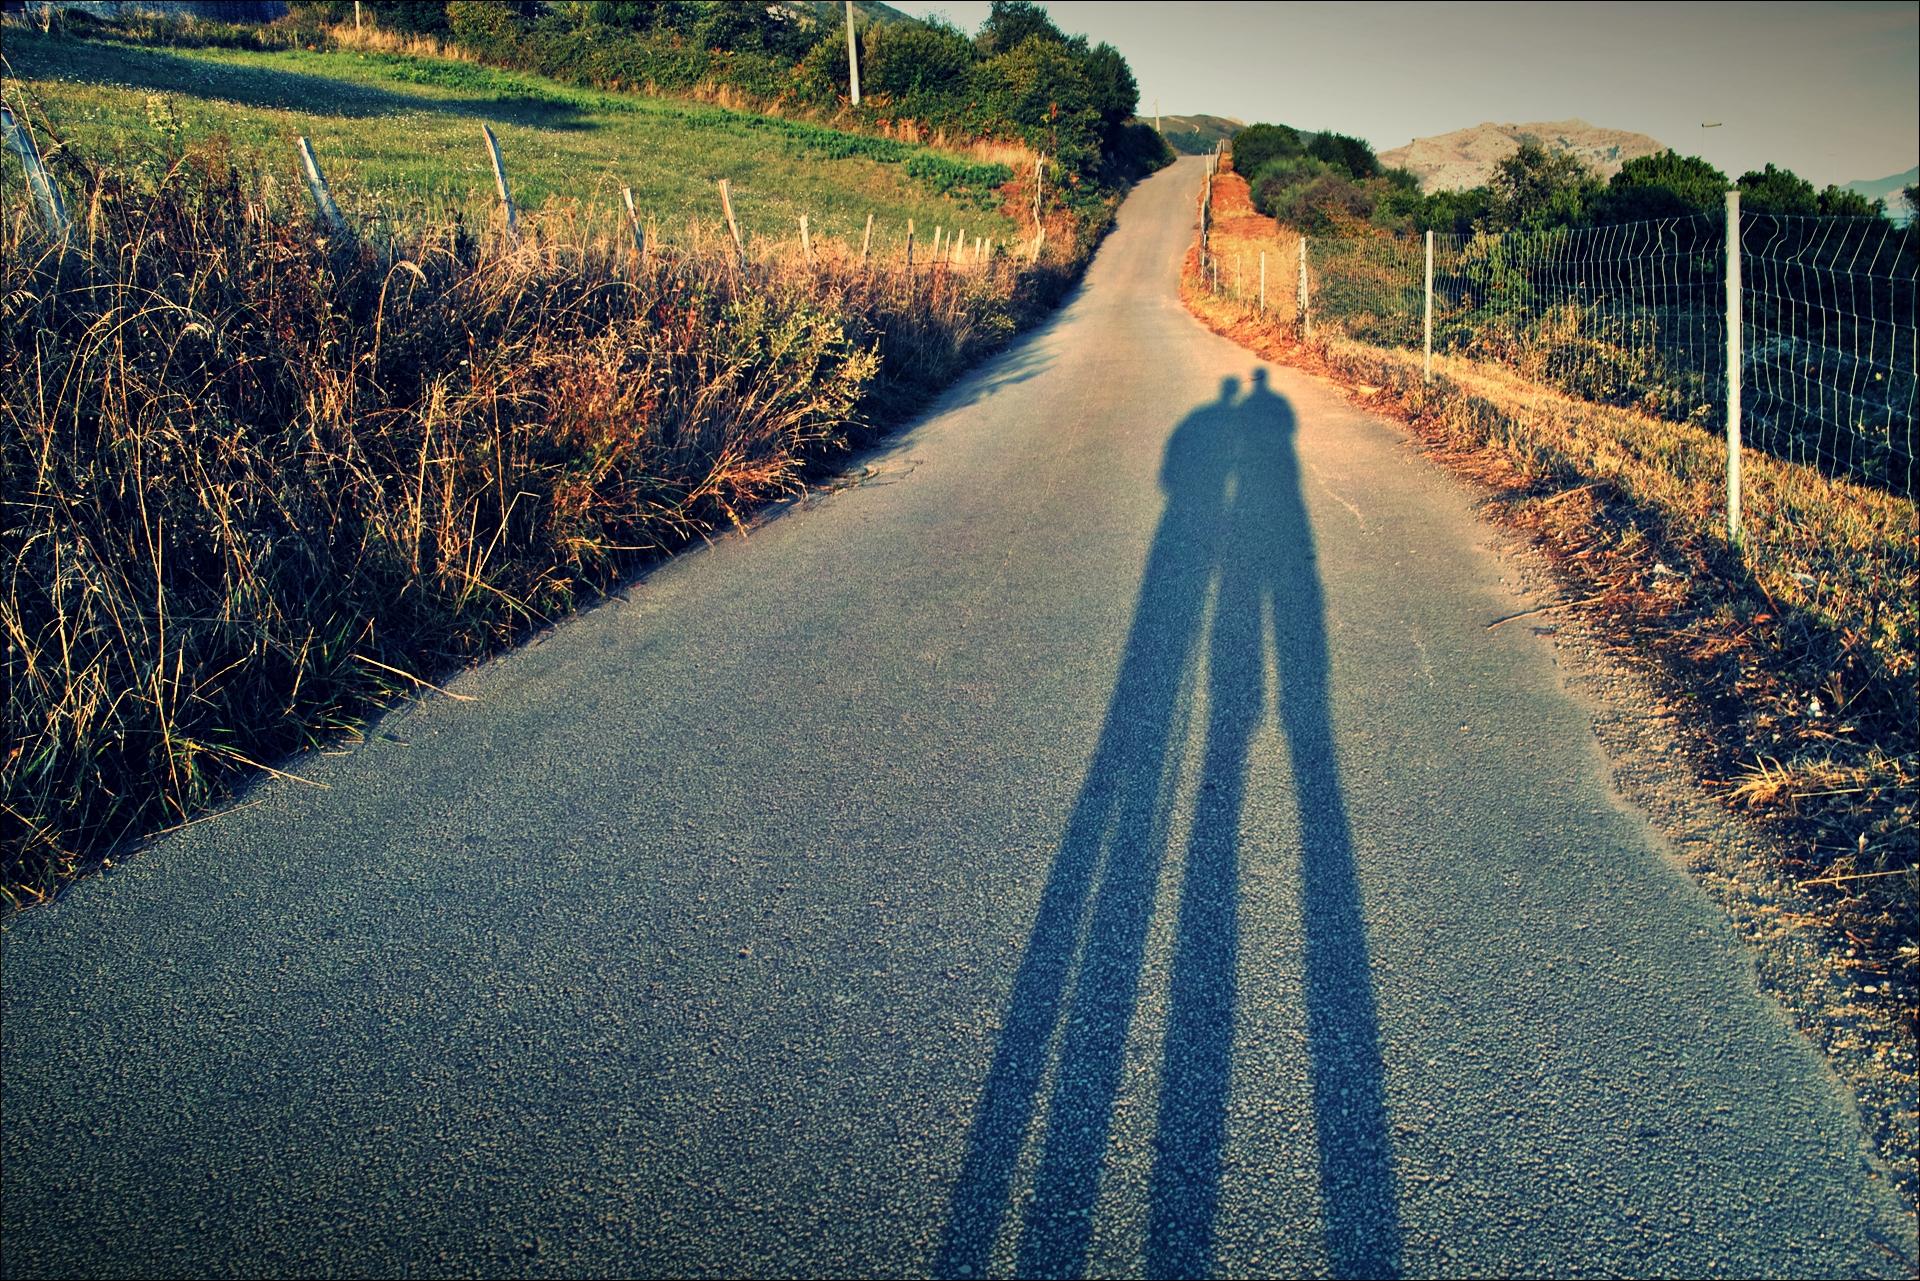 카스트로 우리디알레스-'카미노 데 산티아고 북쪽길을 걸으며. (Walking the Camino del Norte) '